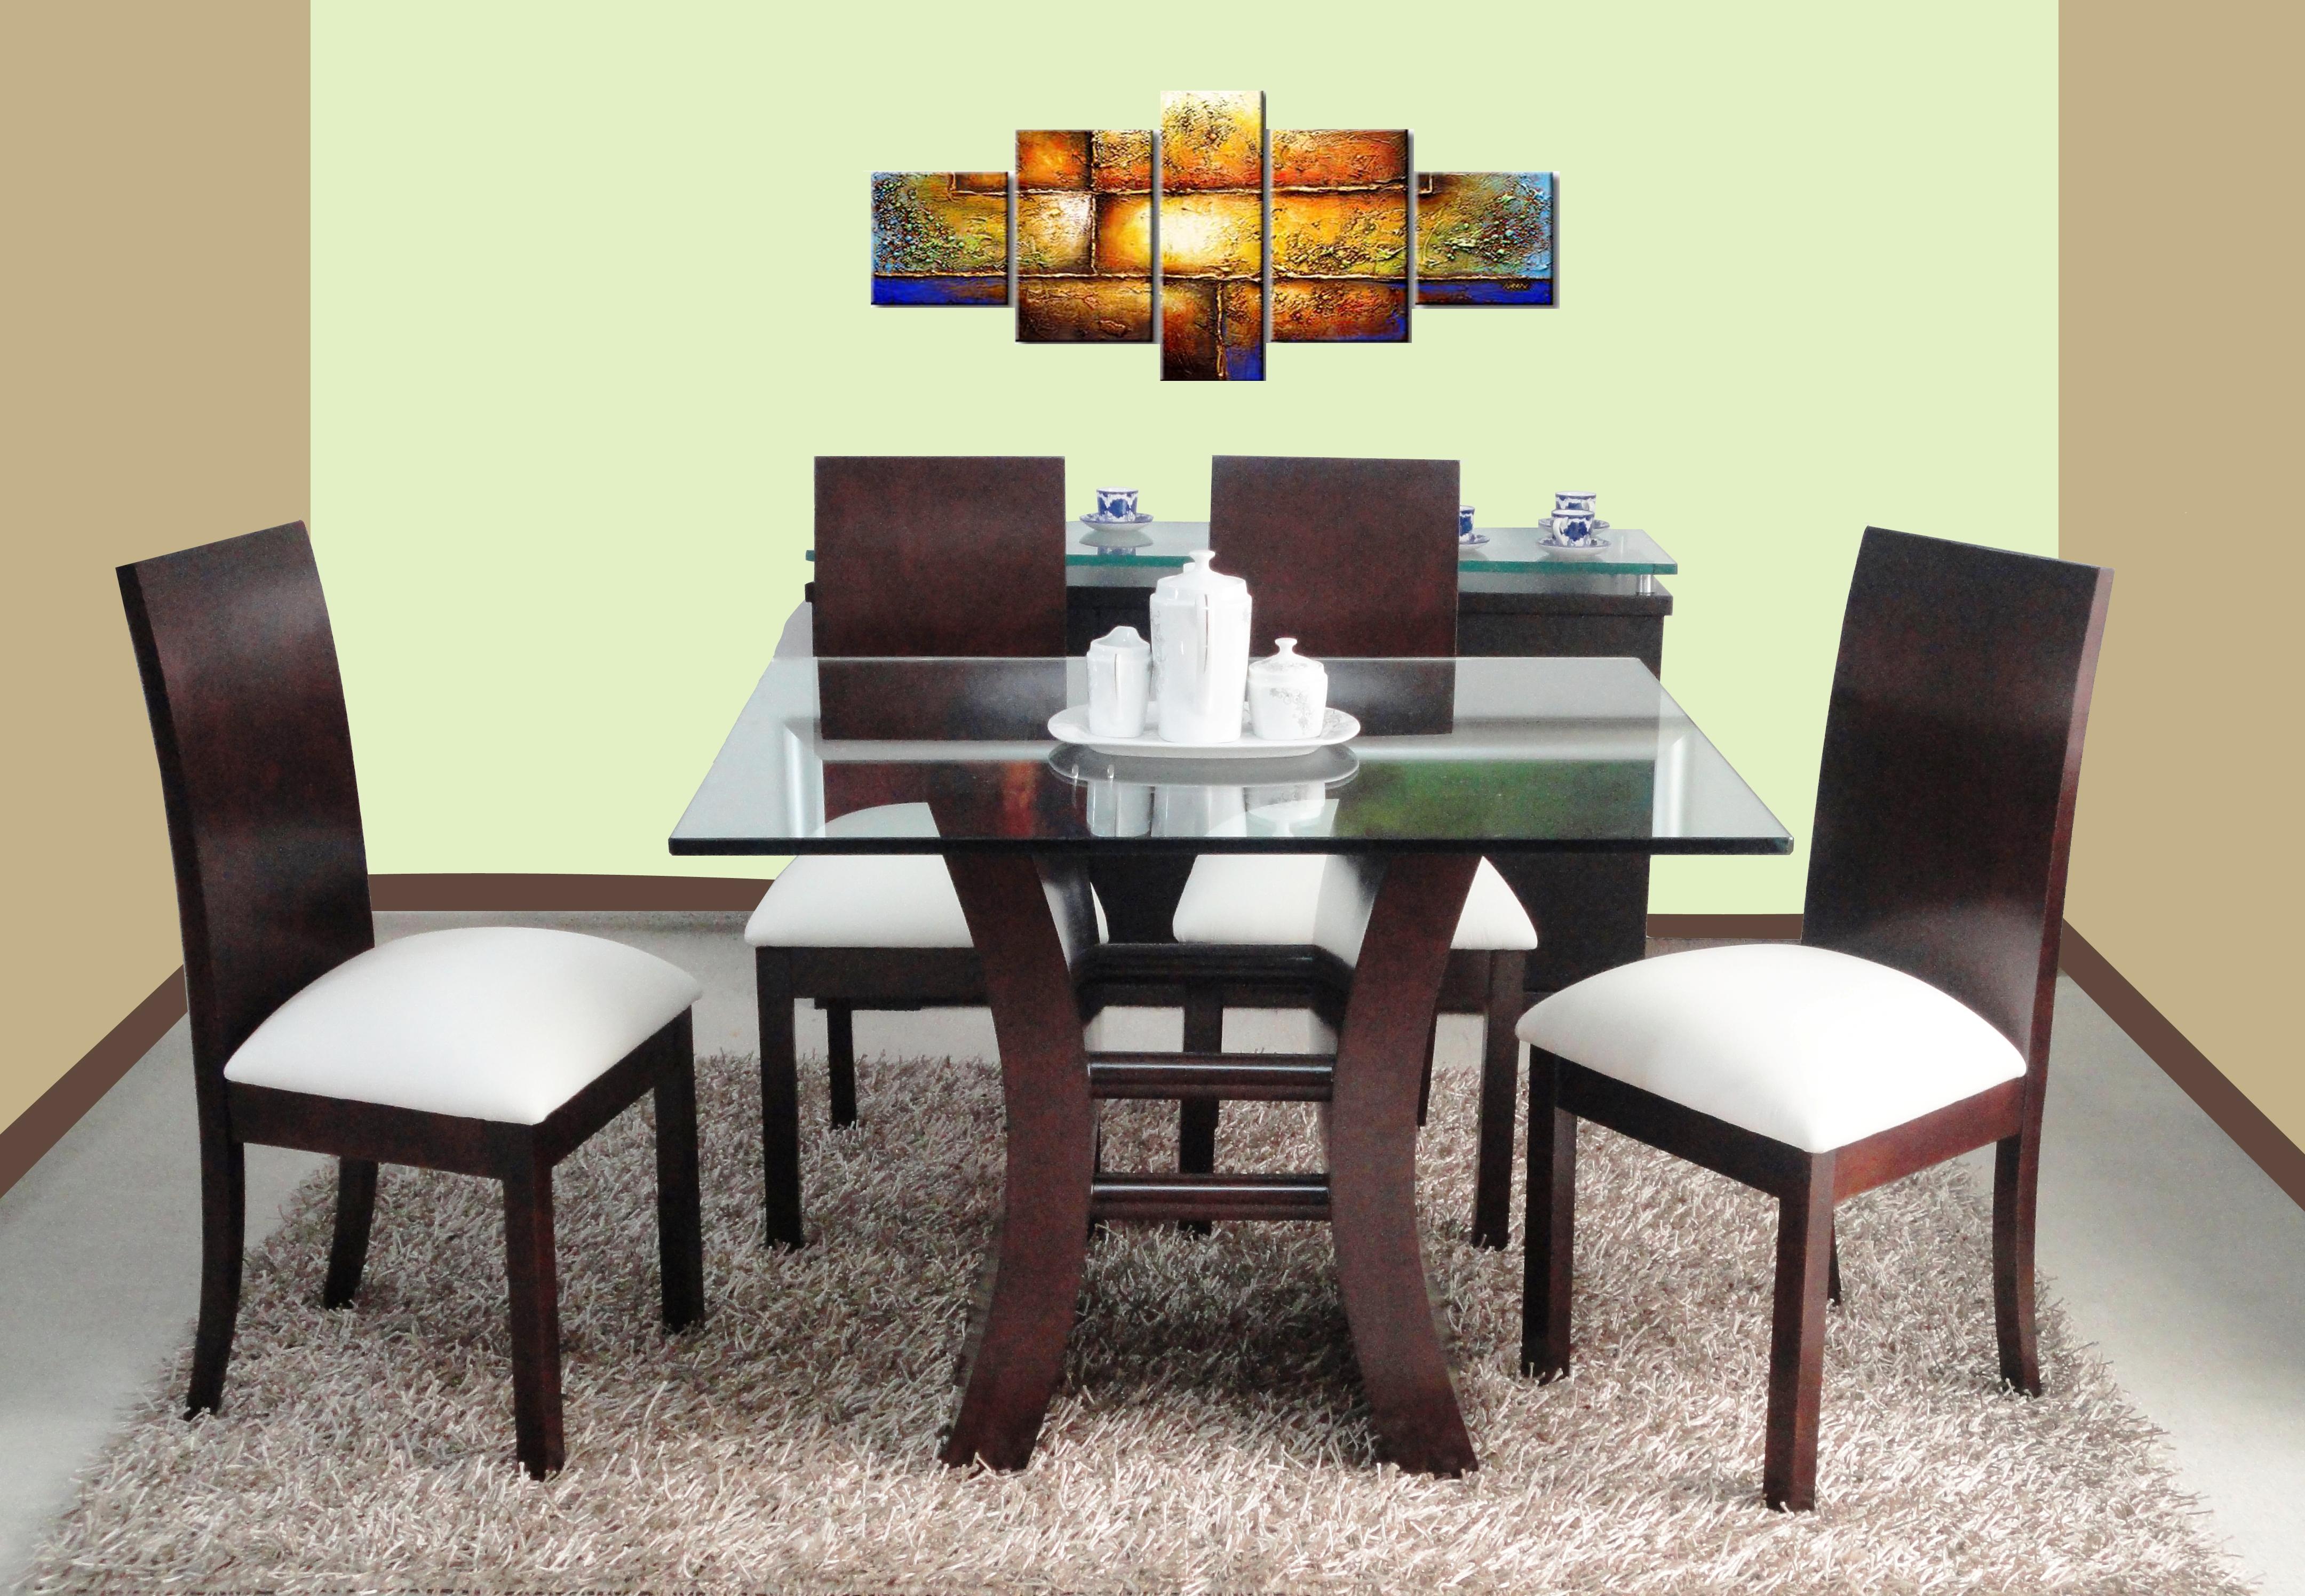 Desarmado y armado de muebles de maestro promartelektra for Comedores modernos en puebla